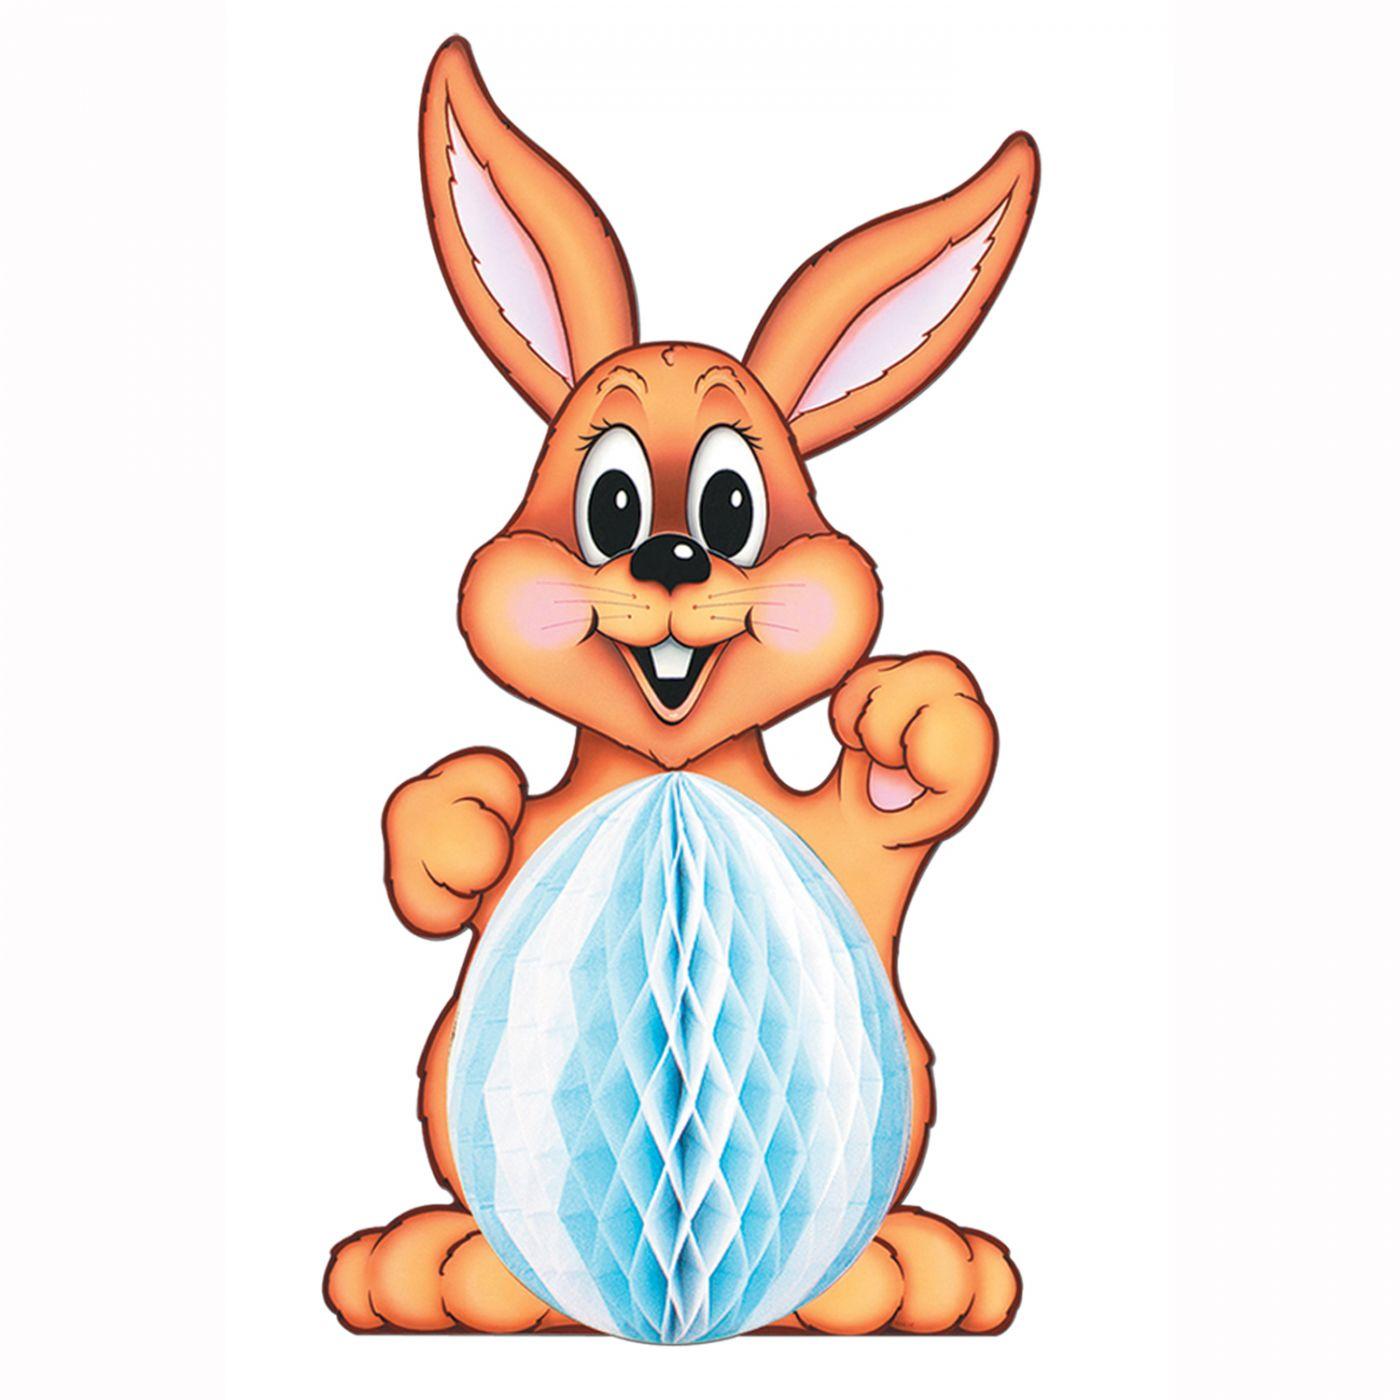 Large Tissue Bunny (6) image